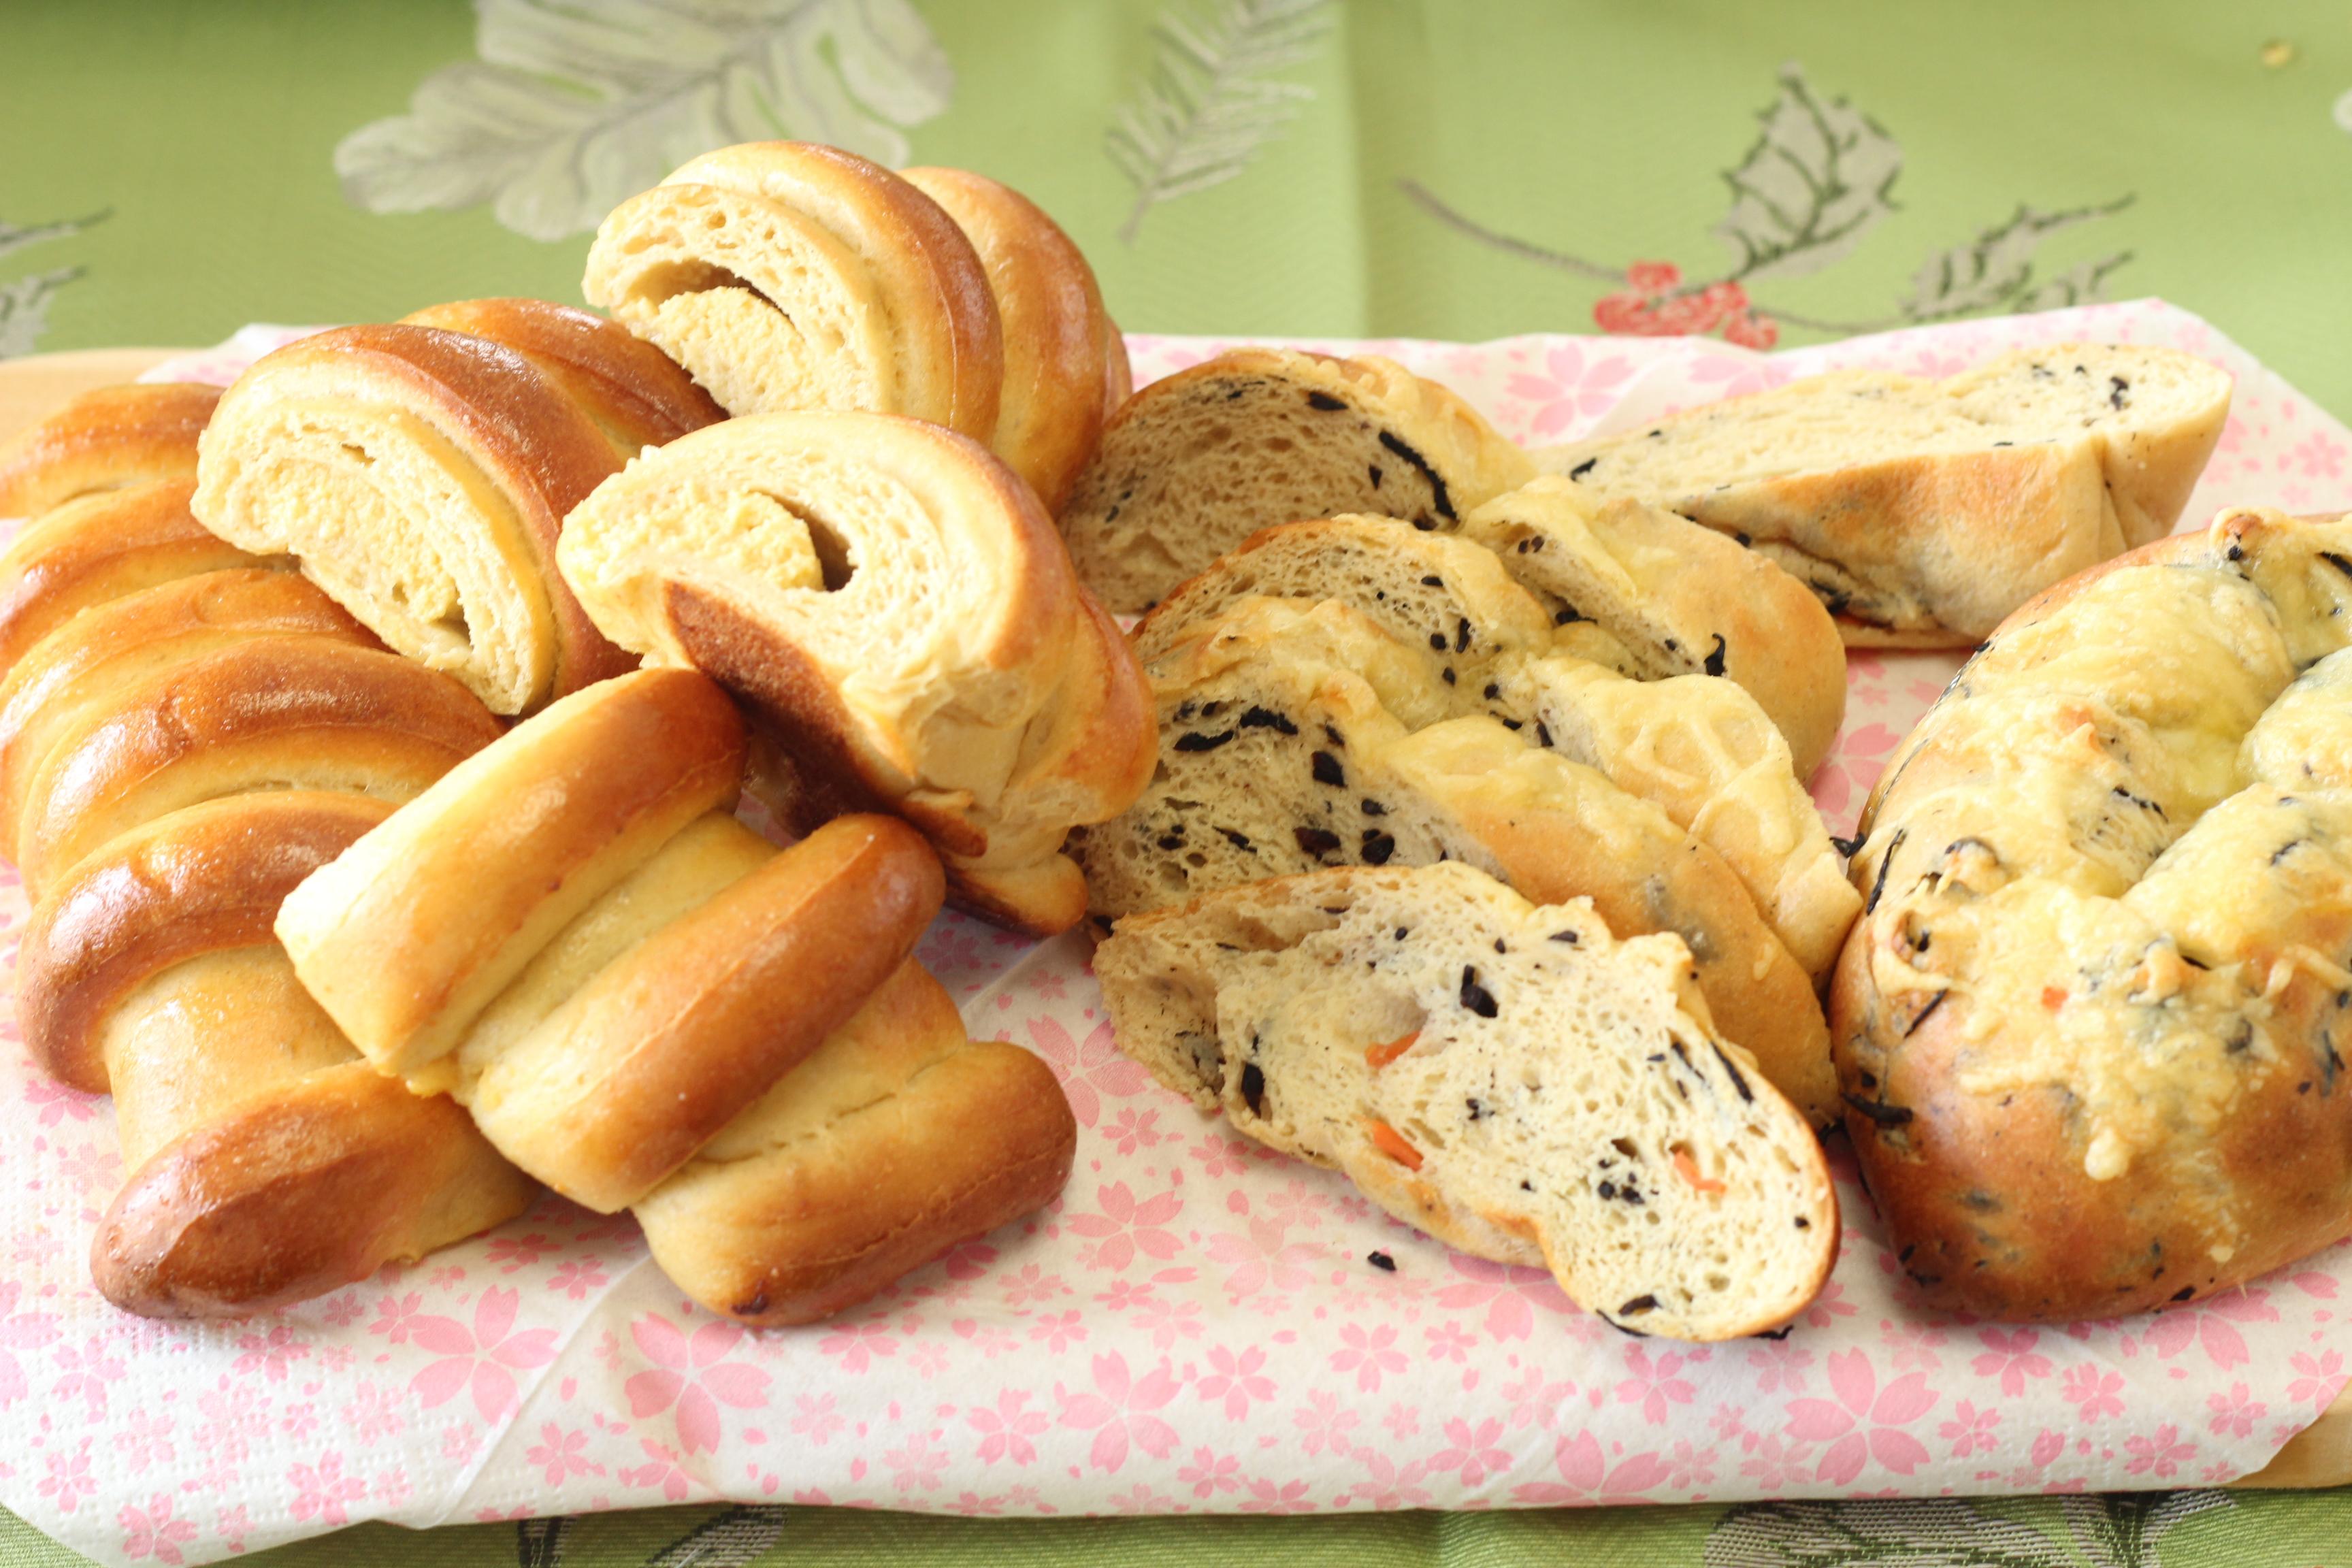 阿倍野区西田辺a-ta-sante 糖質制限パン料理教室。京都江部粉糖質制限パンベーシックコース1期生5回目メニュー『ひじきパン&クリームぱん』